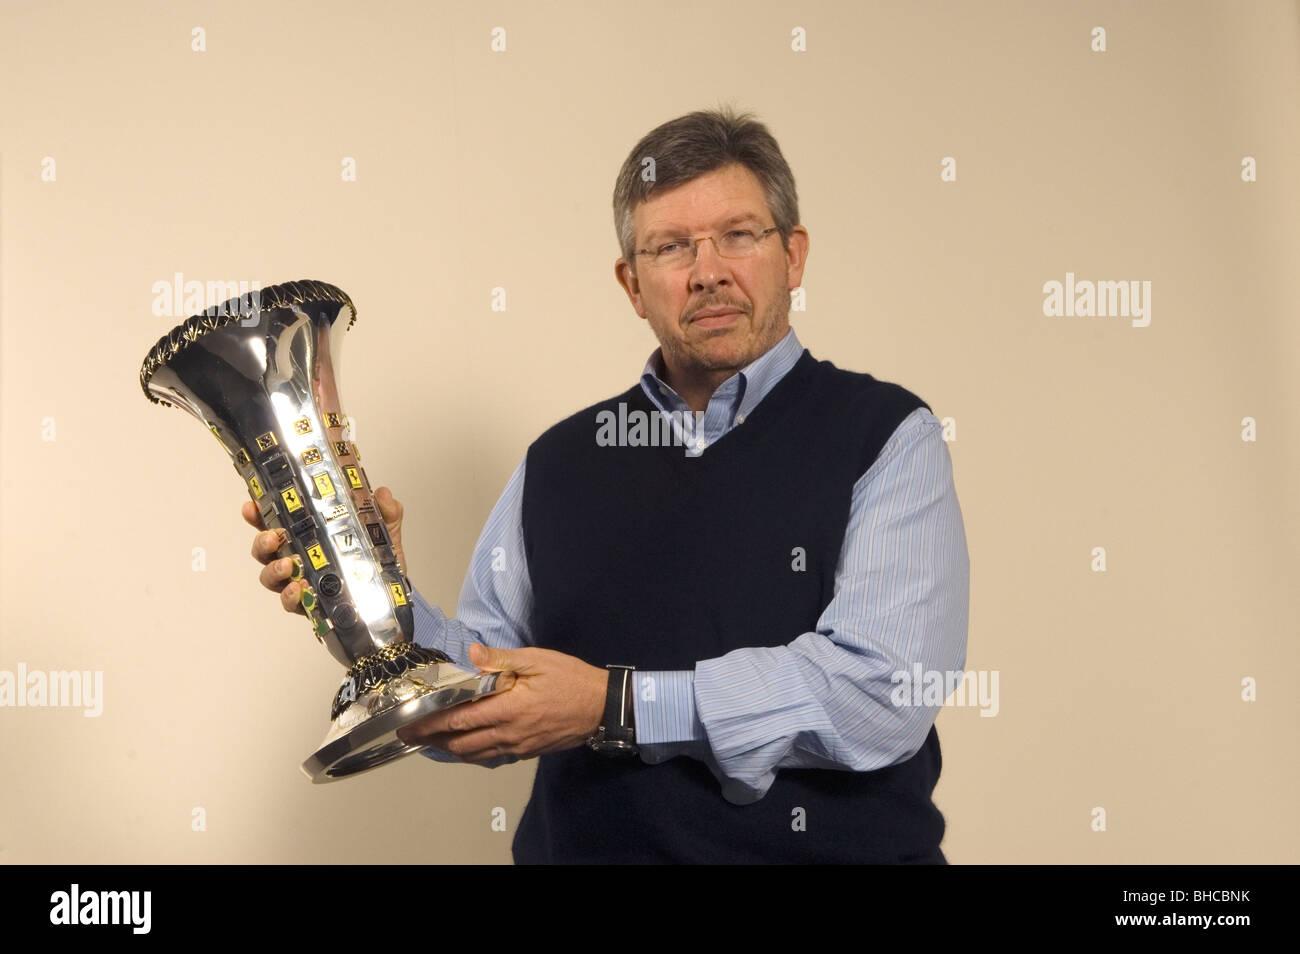 Ross Brawn. L'ingénieur anglais Motor Sports avec le Championnat du Monde de Formule Un Trophée des Photo Stock